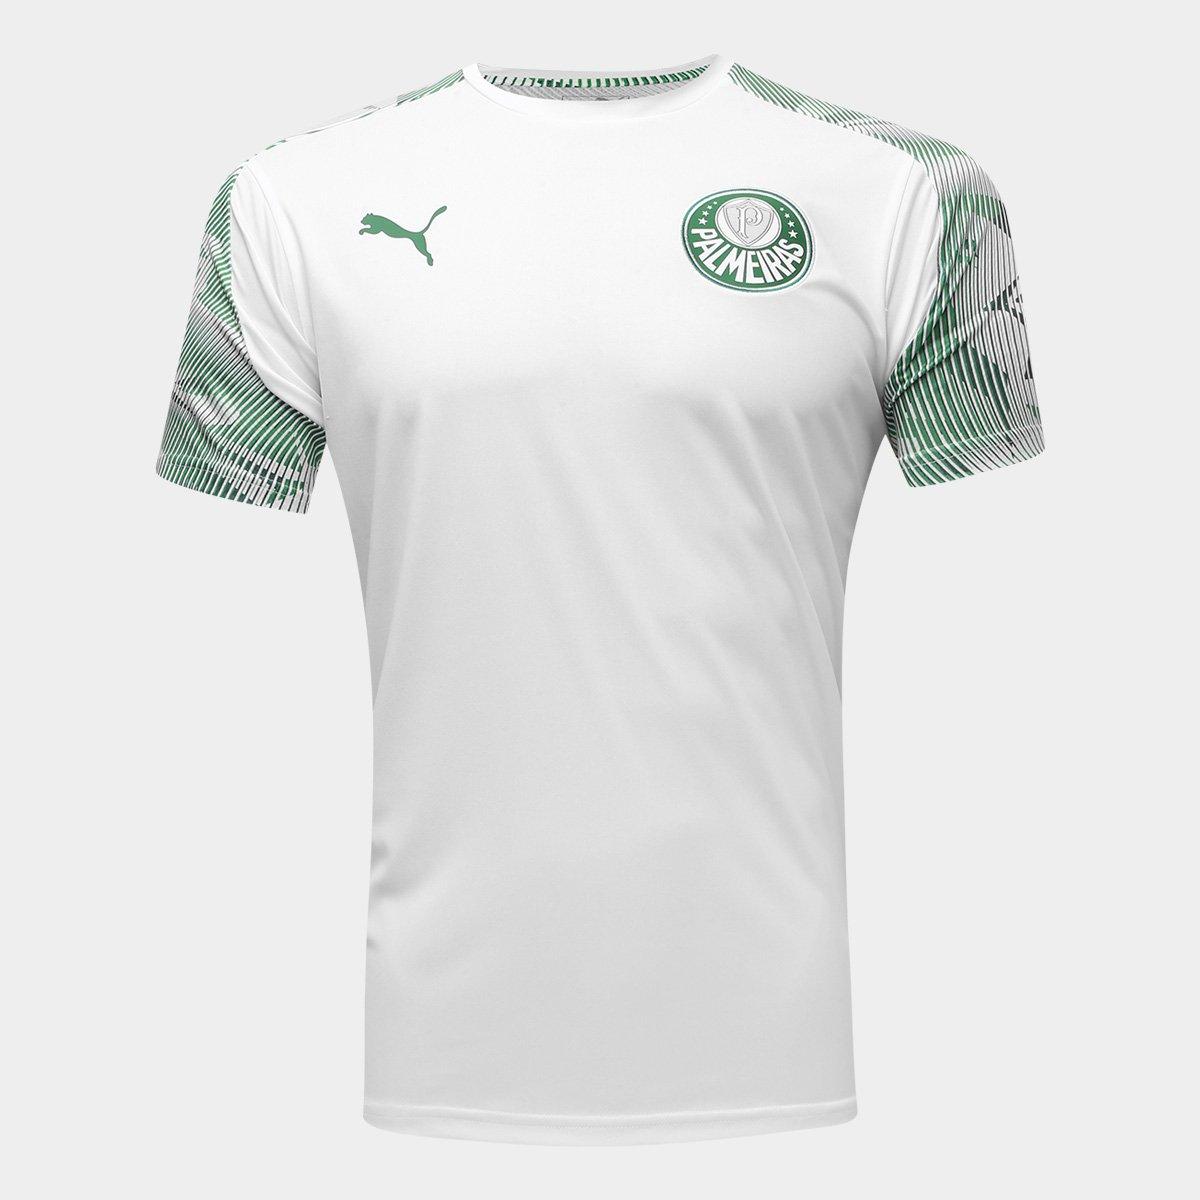 ligeramente Manual Lo siento  Camisa Palmeiras Treino 20/21 Puma Masculina - Branco e Verde | Netshoes